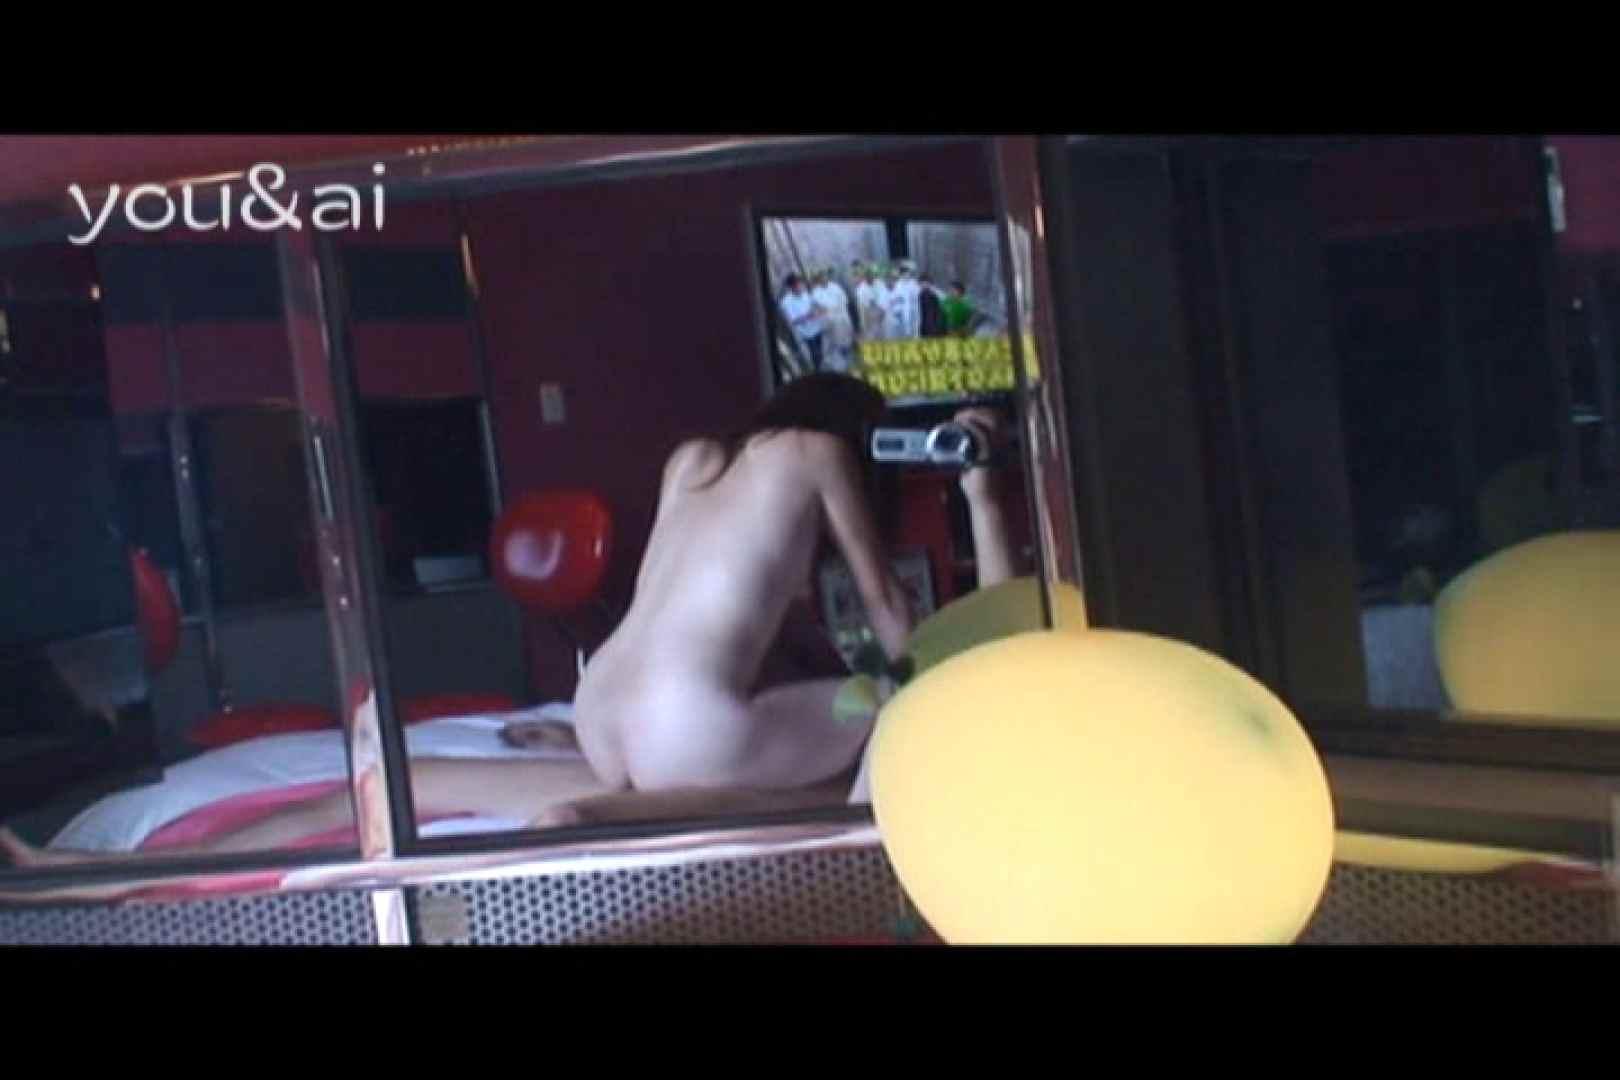 おしどり夫婦のyou&aiさん投稿作品vol.5 すけべなOL AV無料動画キャプチャ 102画像 14